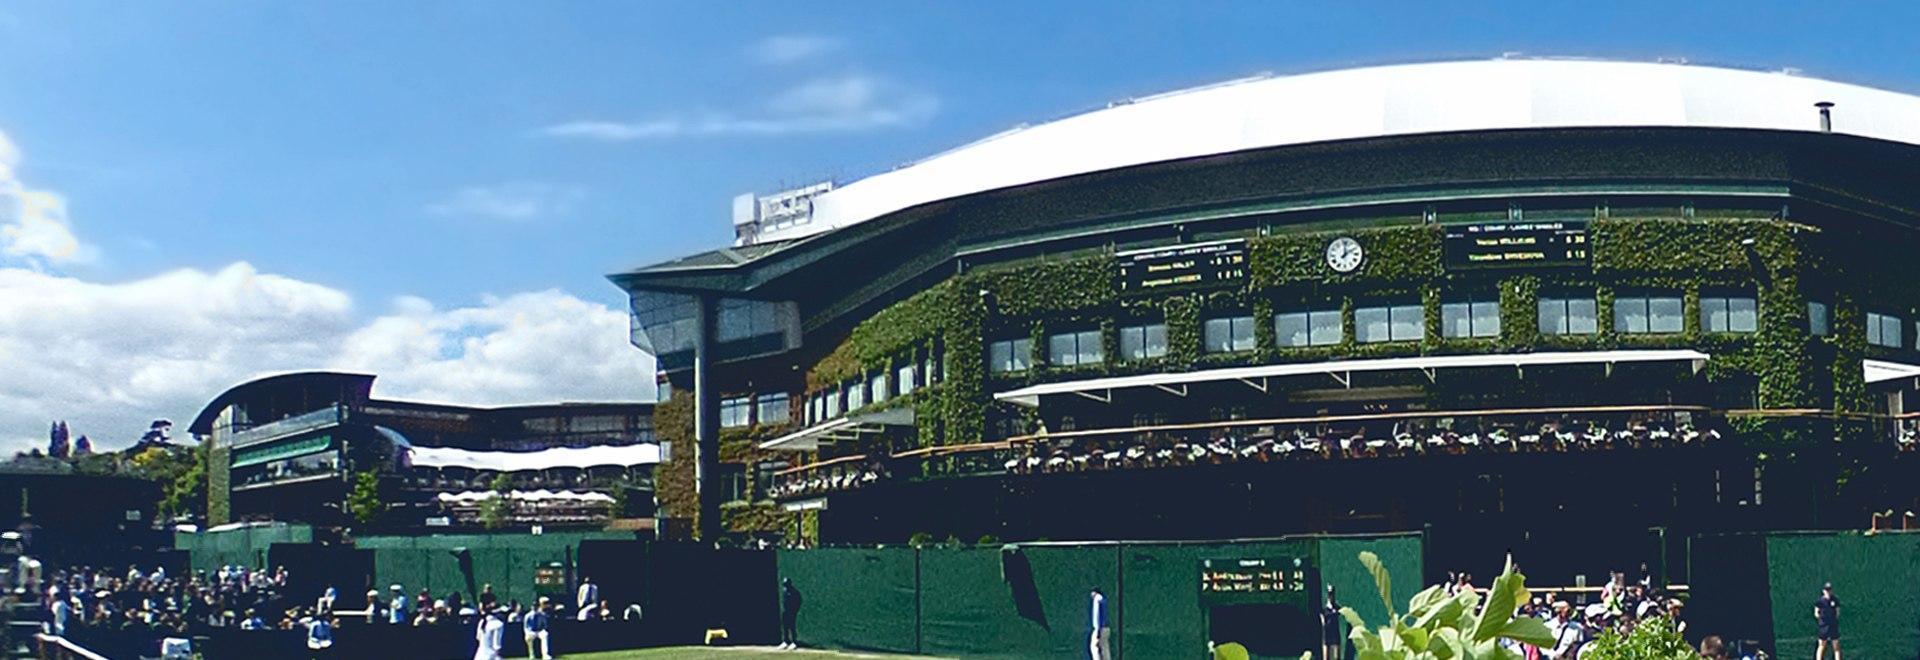 Wimbledon 1995: Sampras - Becker. Finale